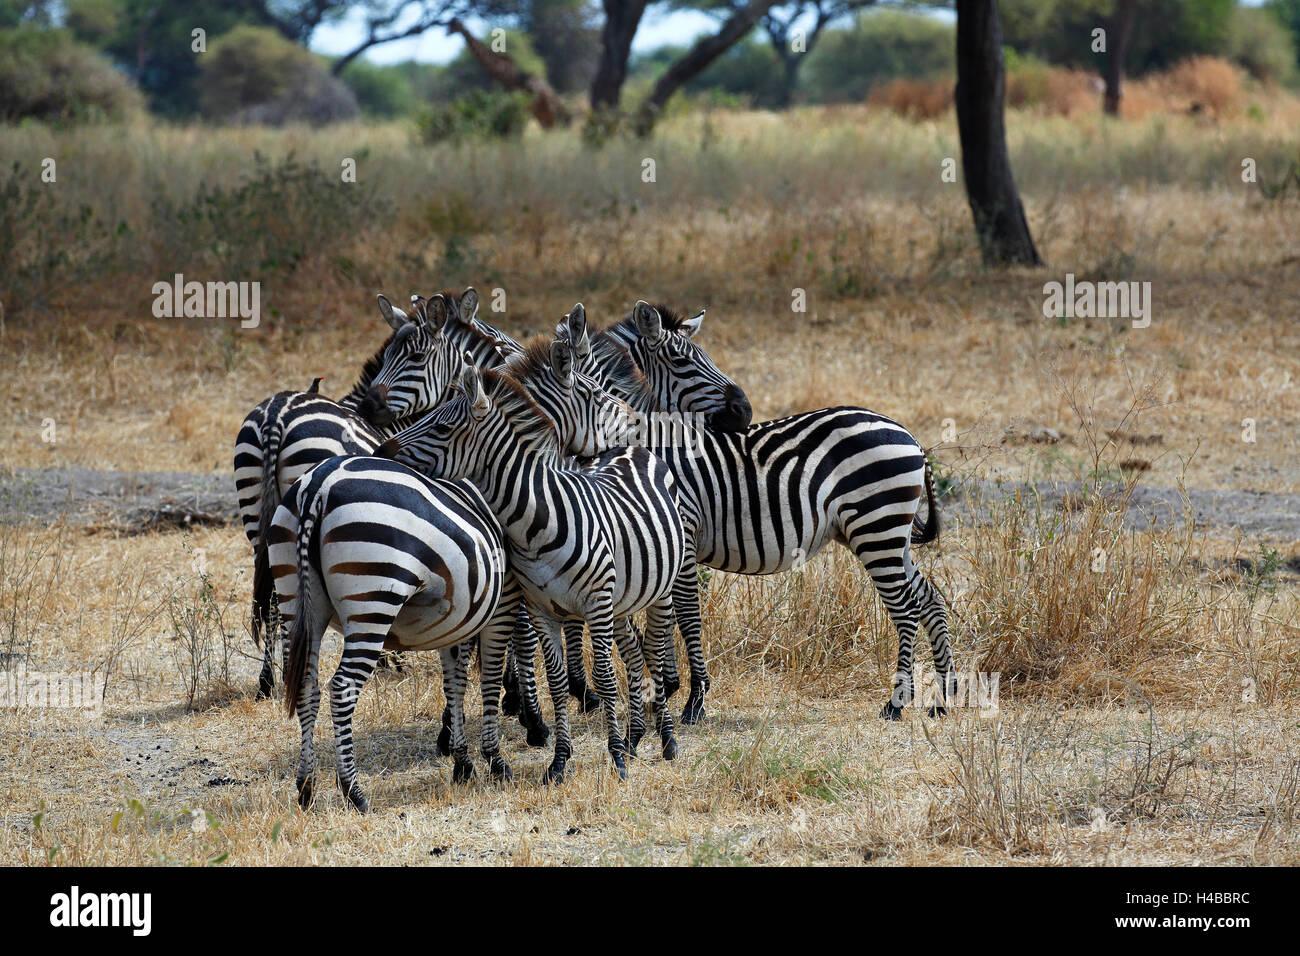 Group of zebras (Equus quagga), Tarangire National Park, Tanzania - Stock Image